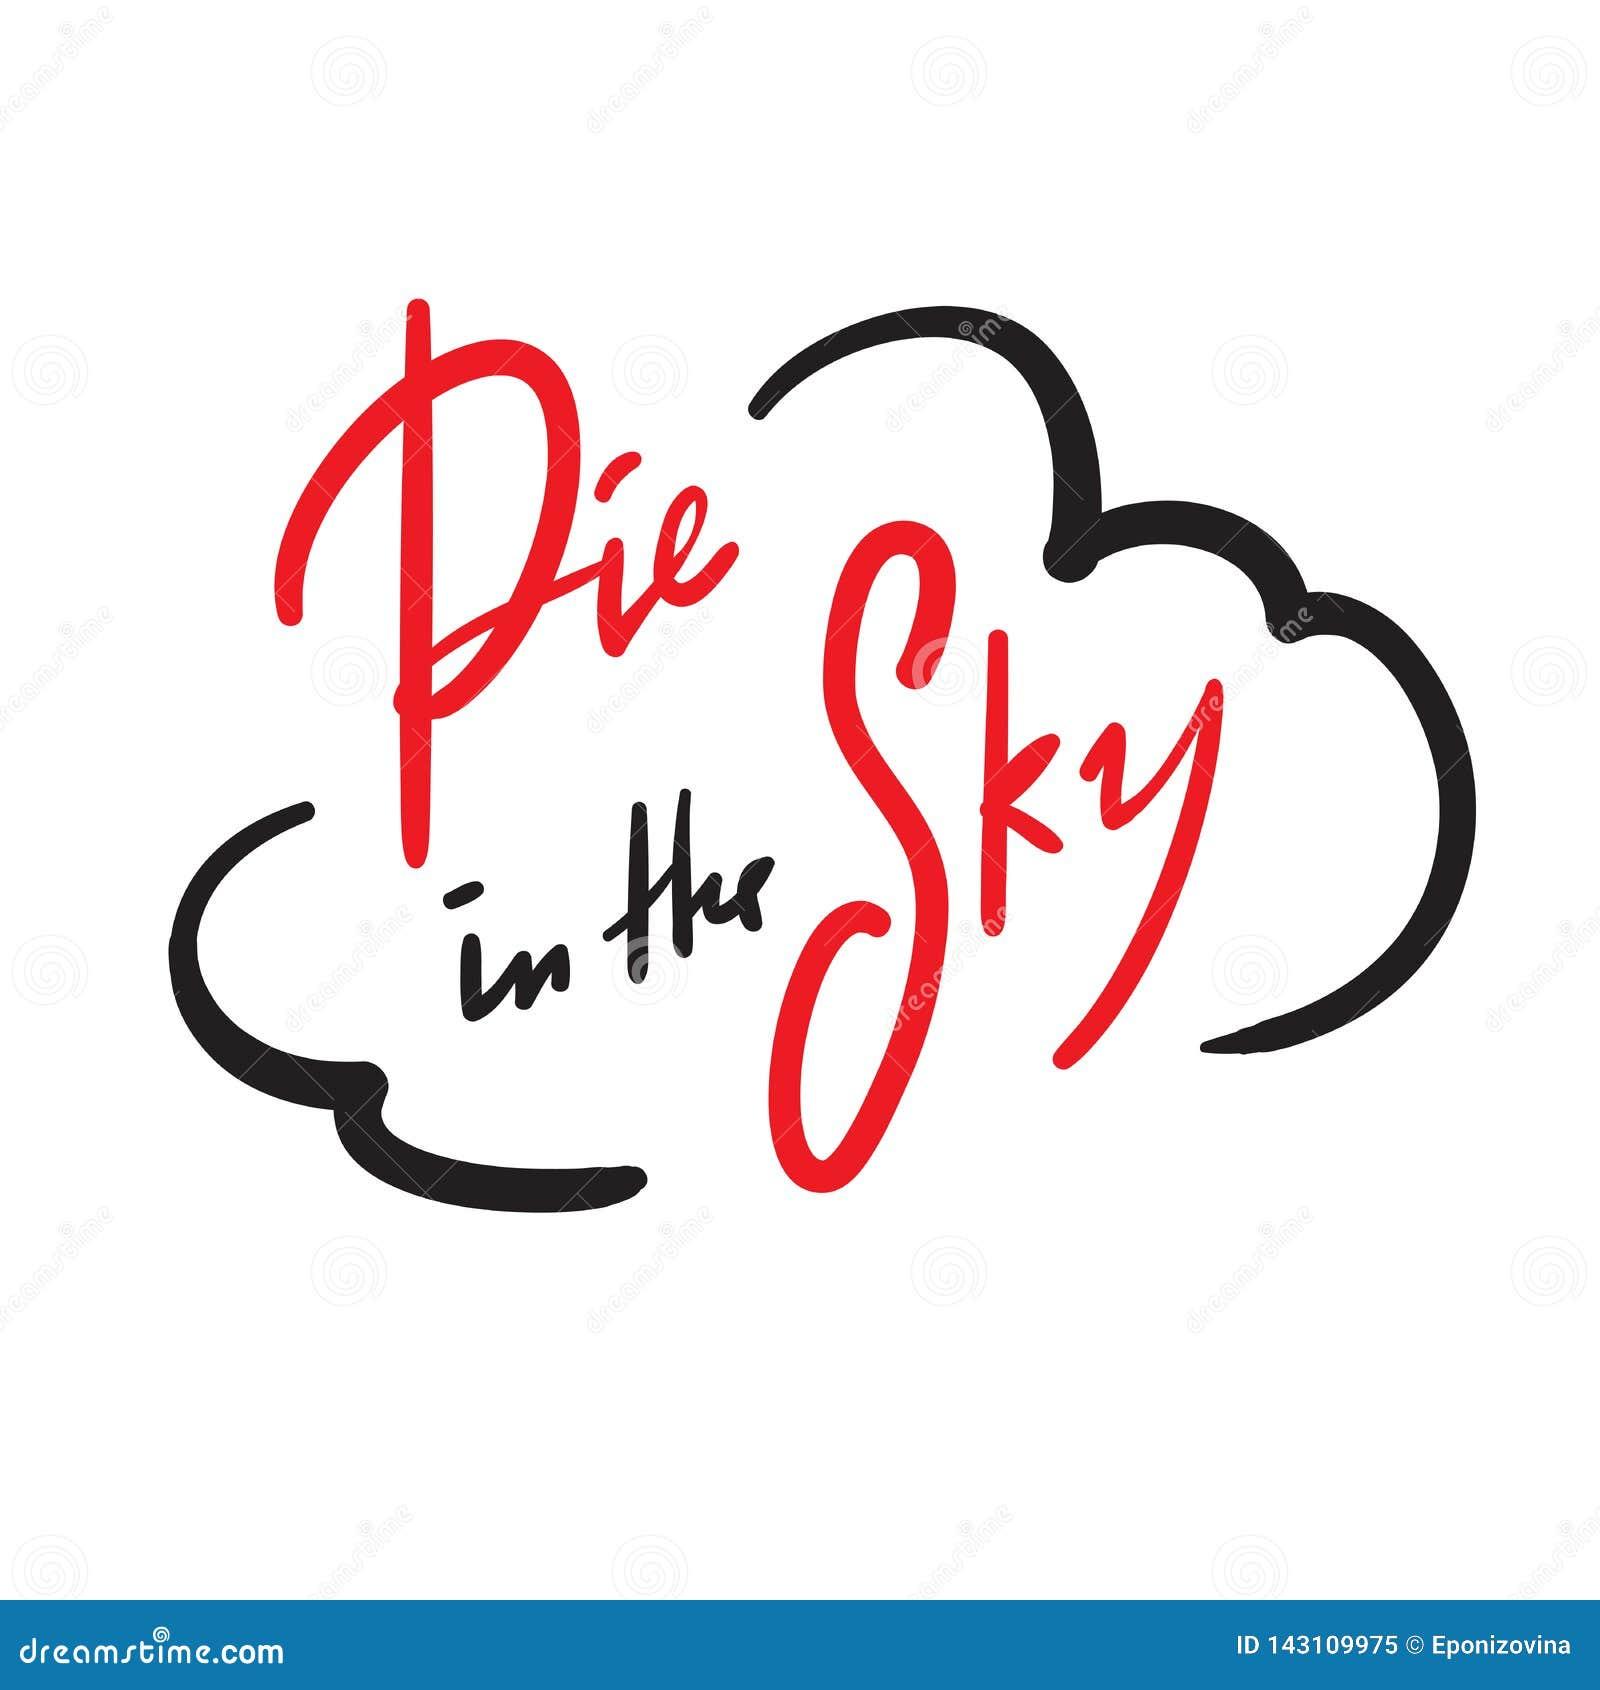 Paj i den enkla himlen - inspirera och det motivational citationstecknet Handskrivet uttryck slang tryck